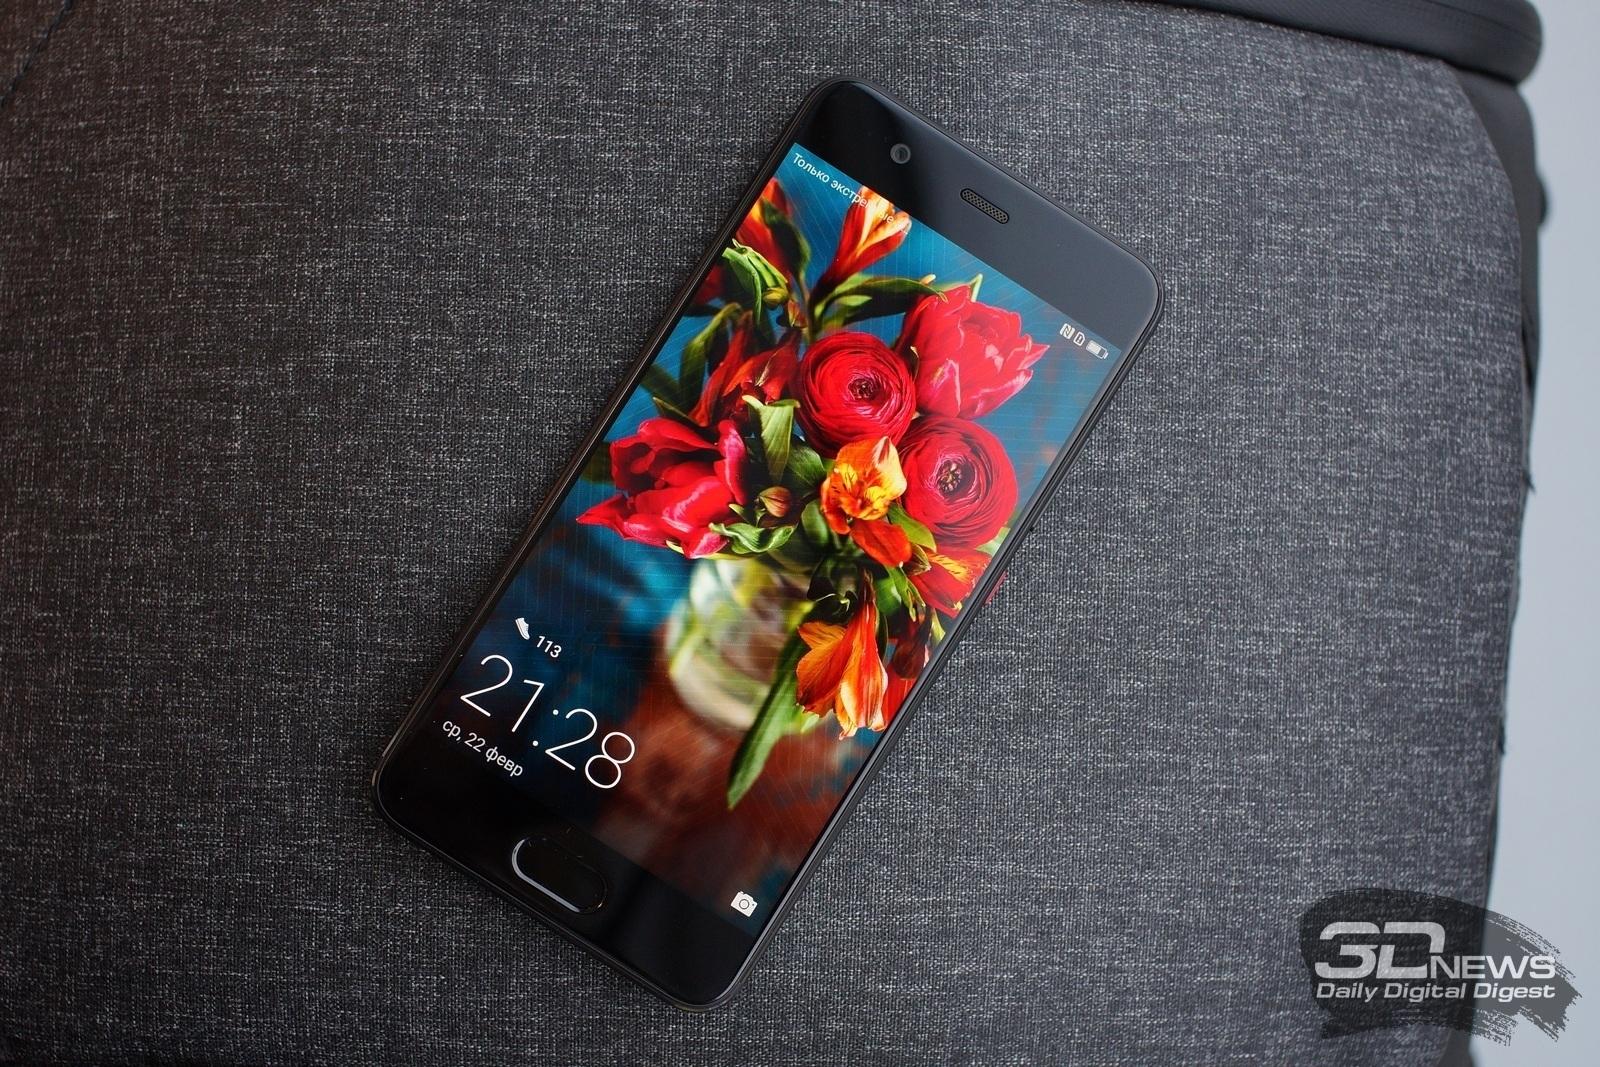 Флагманские смартфоны Huawei P10 и P10 Plus начали продаваться в России